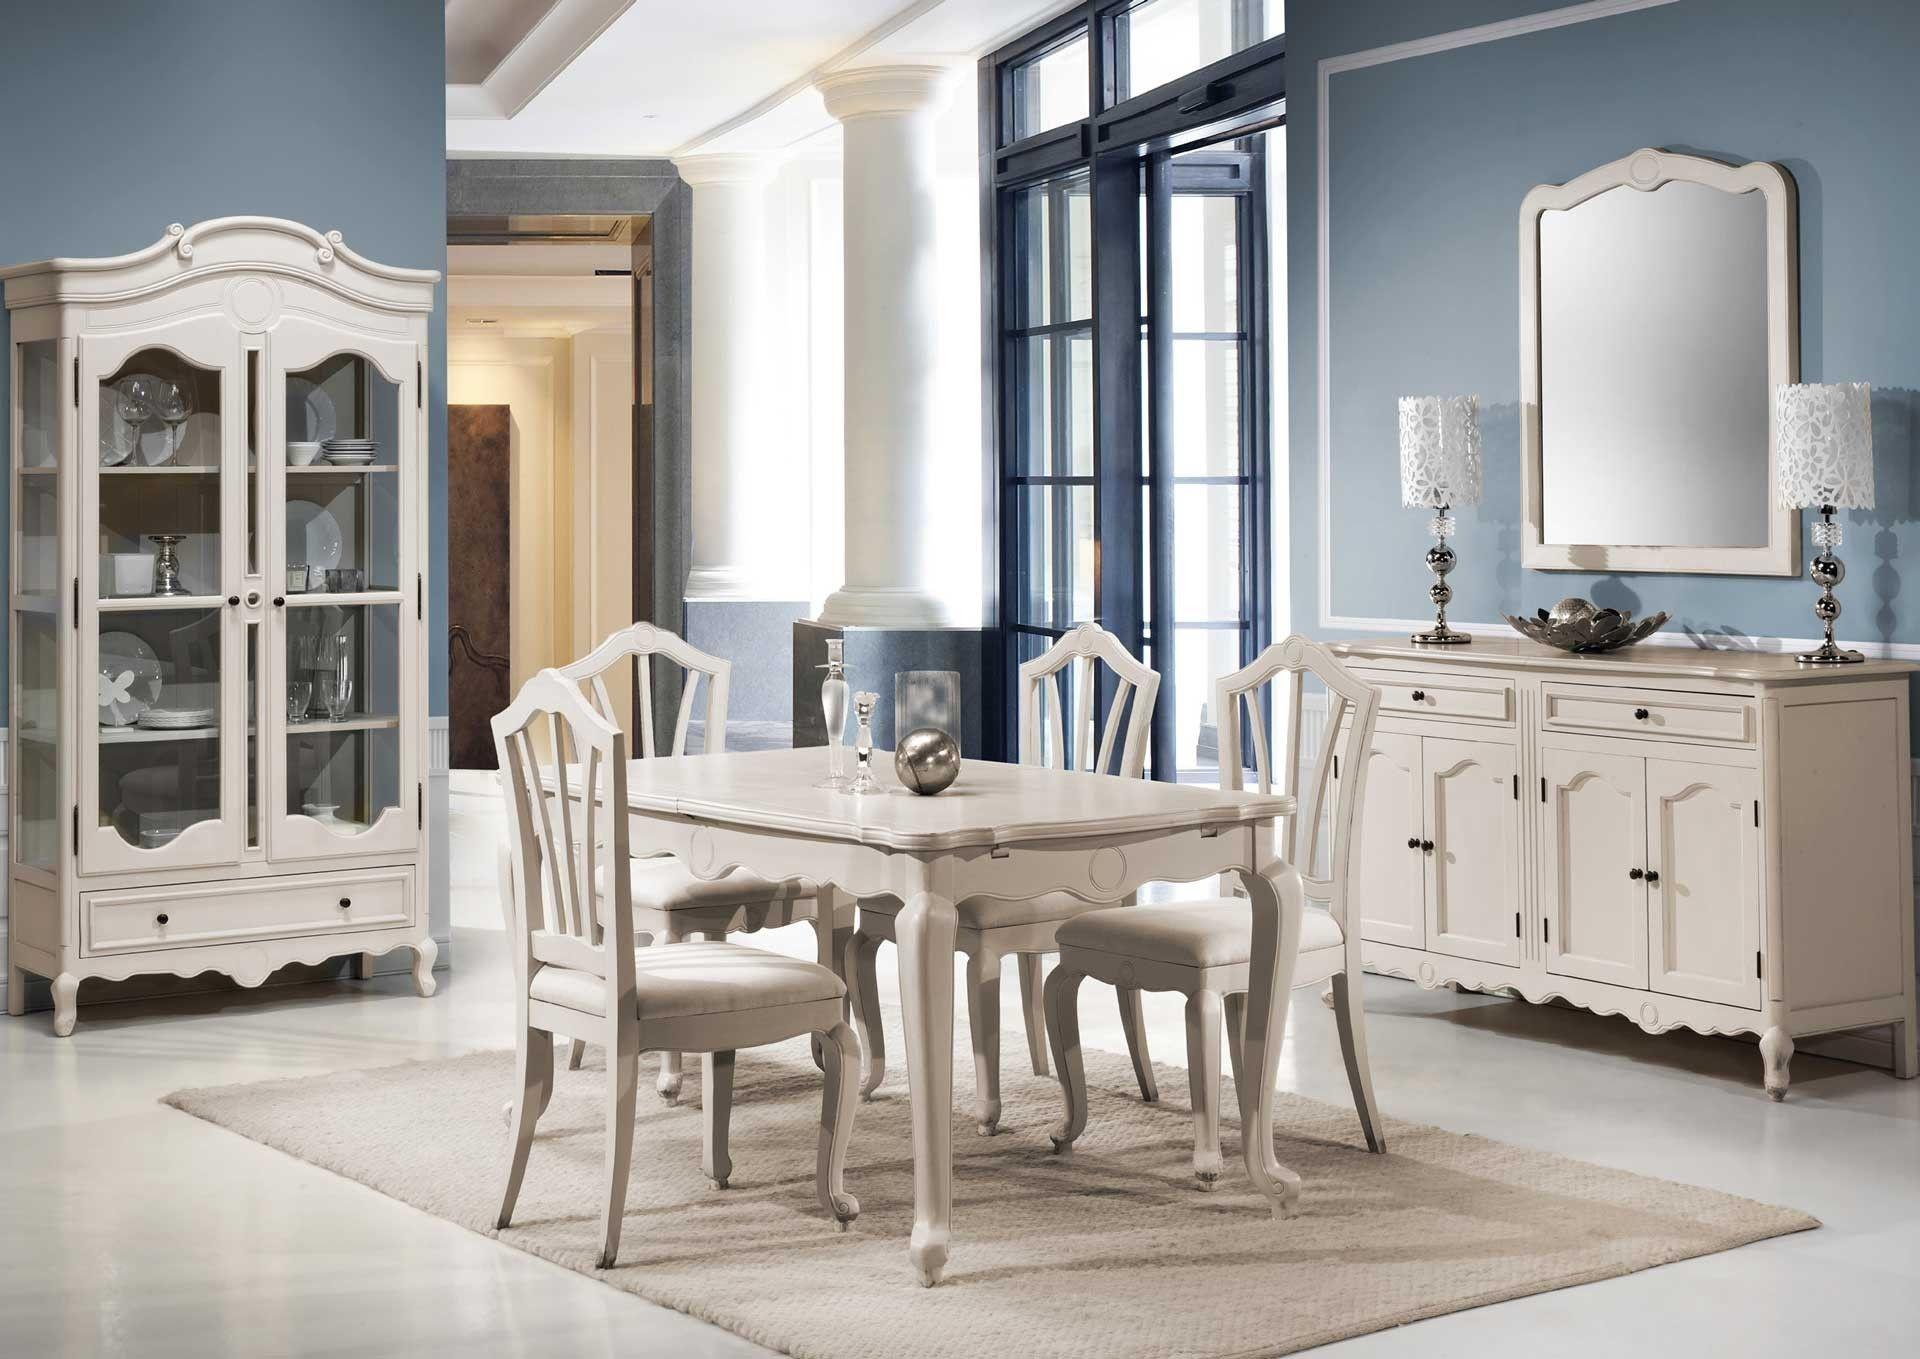 Comedor vintage sarce en mbar muebles el rom ntico estilo cottage countrychic shabbychic - Comedor vintage ...